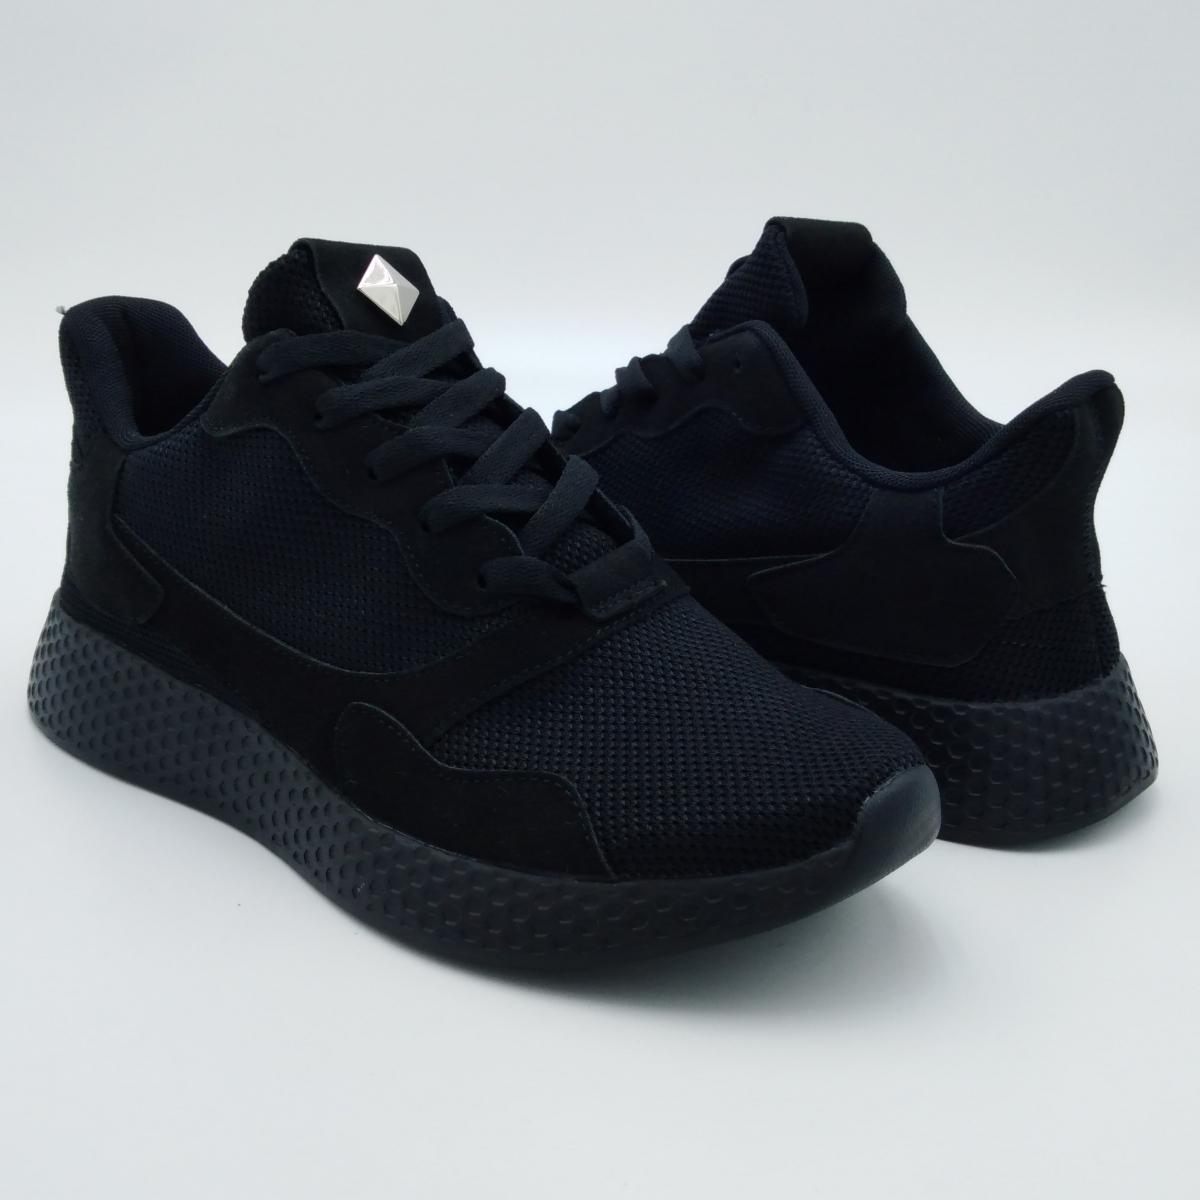 Sneaker lacci nera -Deanna...